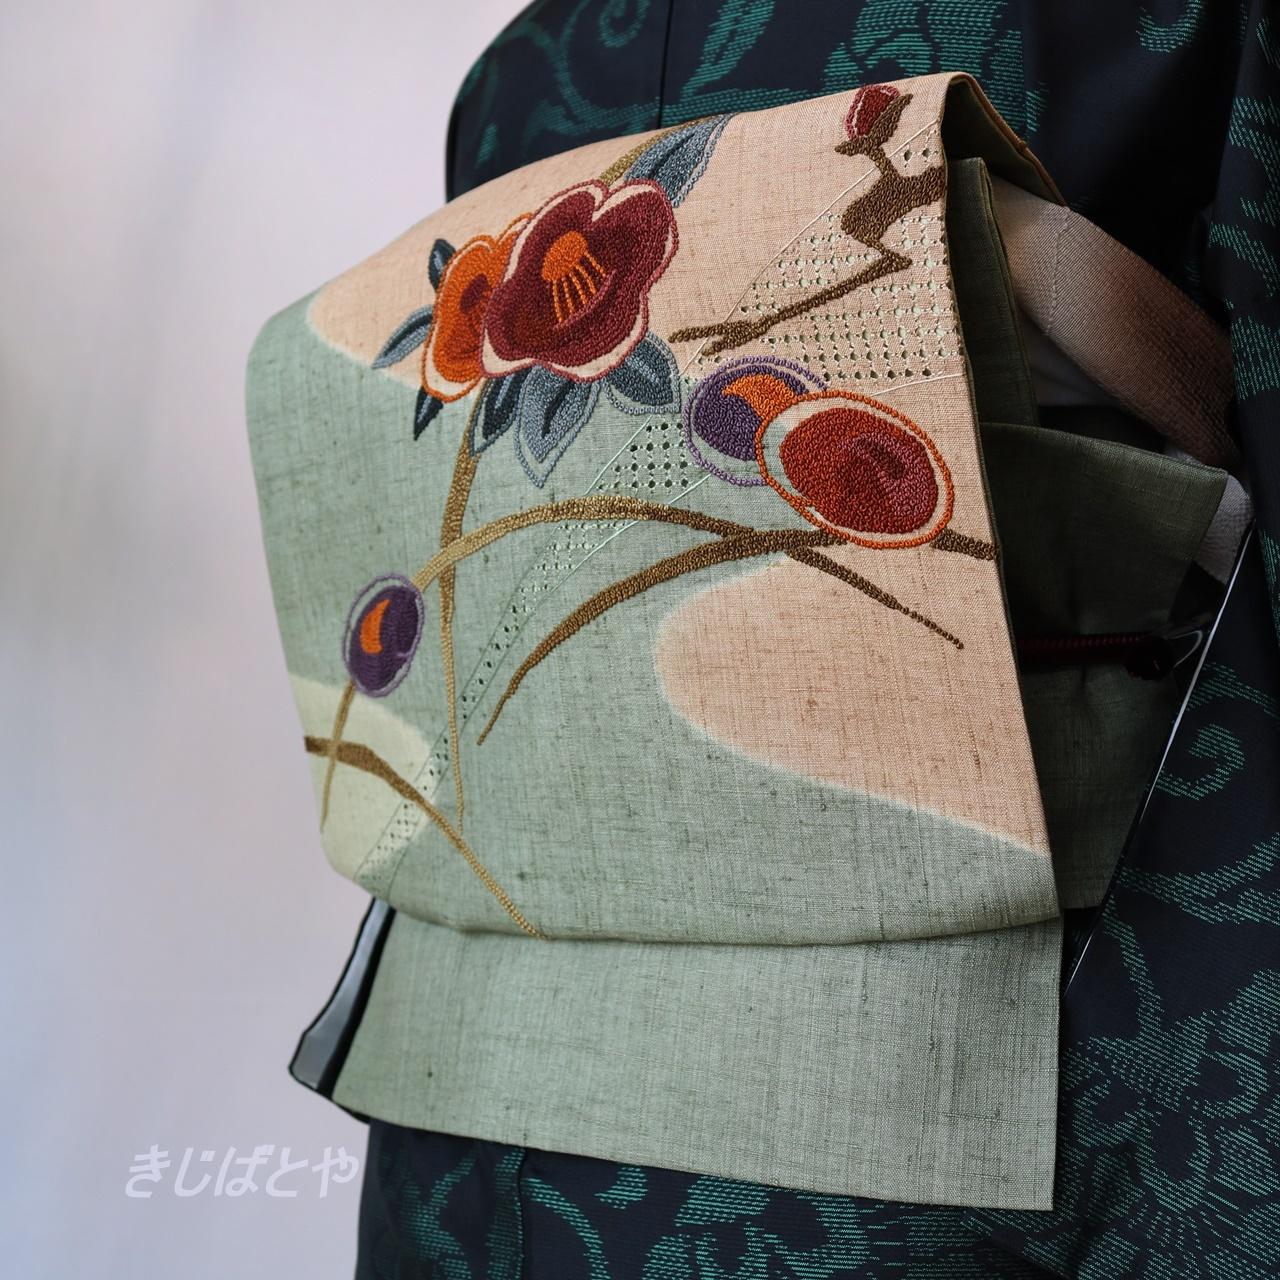 正絹紬 青柳鼠に相良刺繍のなごや